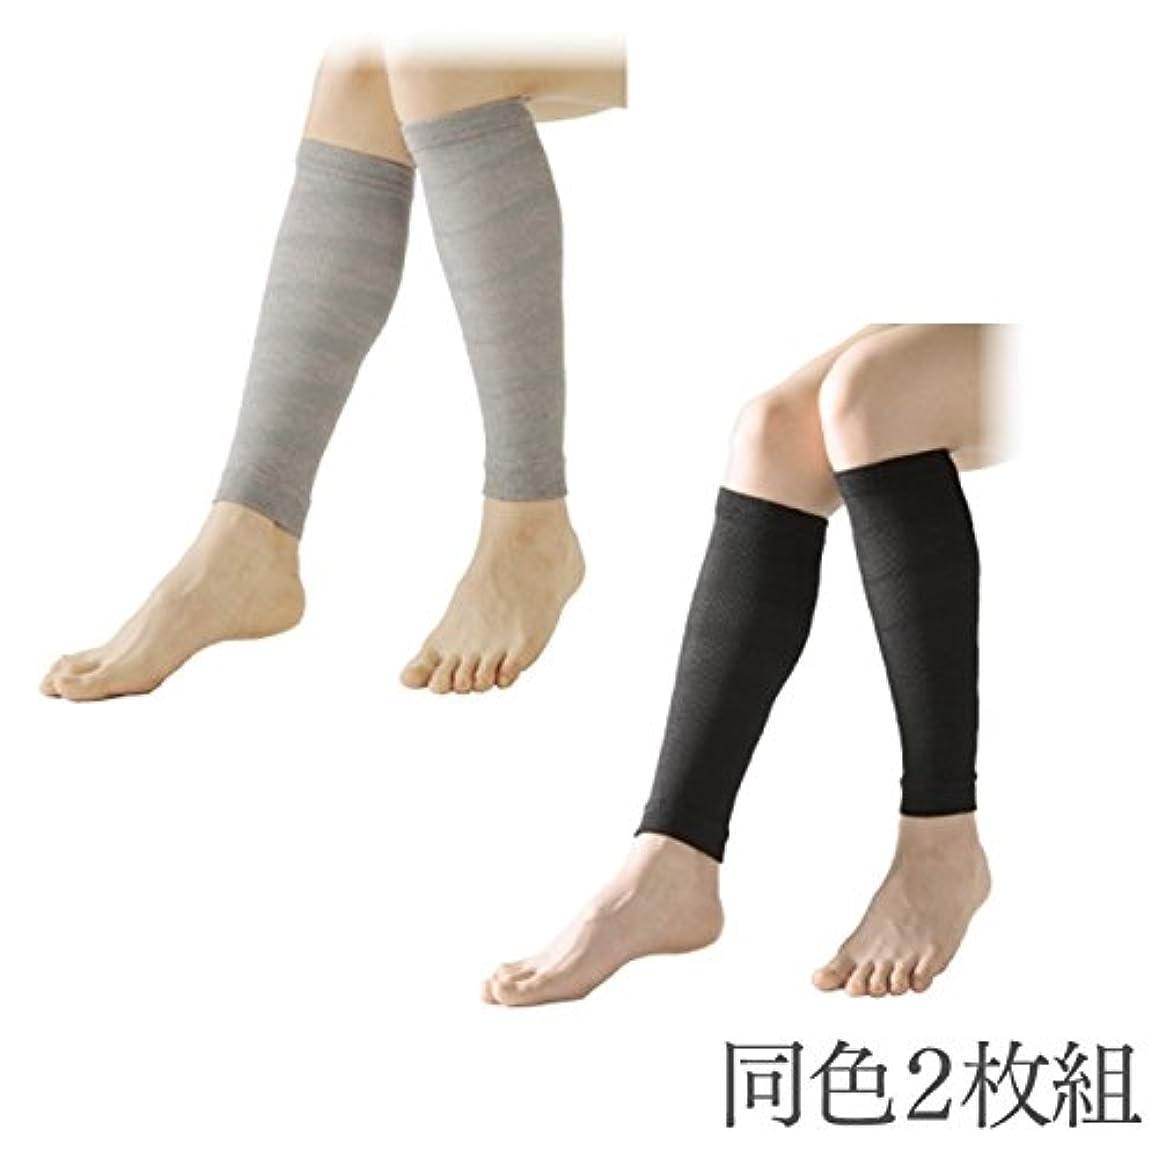 テンポ落ち着いて自己着圧ソックス 足のむくみ 靴下 むくみ解消 着圧ふくらはぎサポーター 2枚組(グレー)